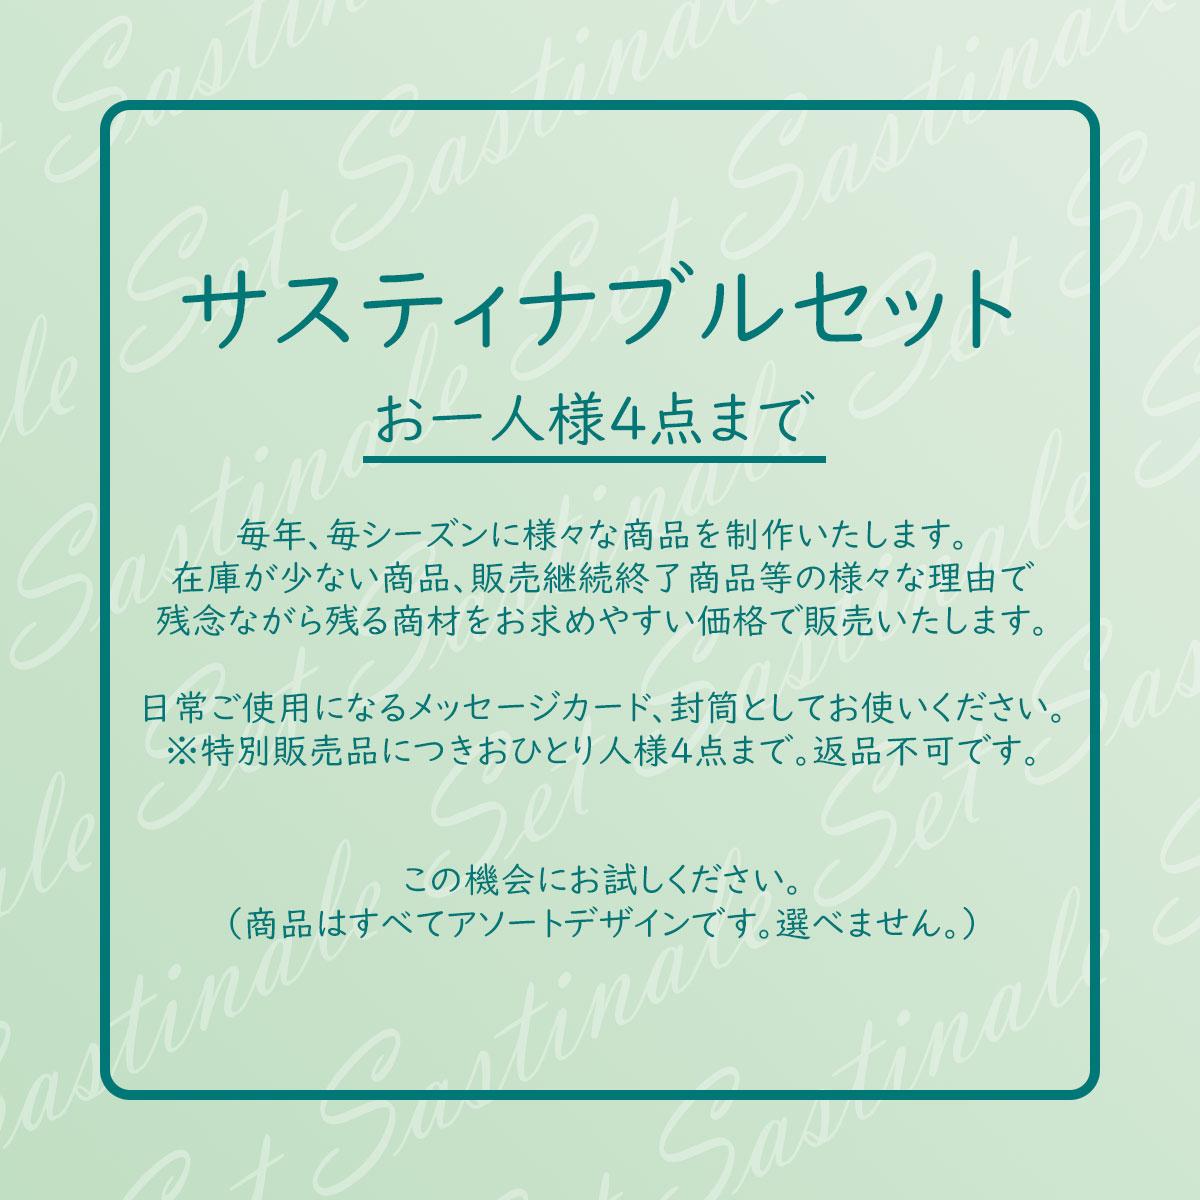 バリューパックミニレターセット | vp-022